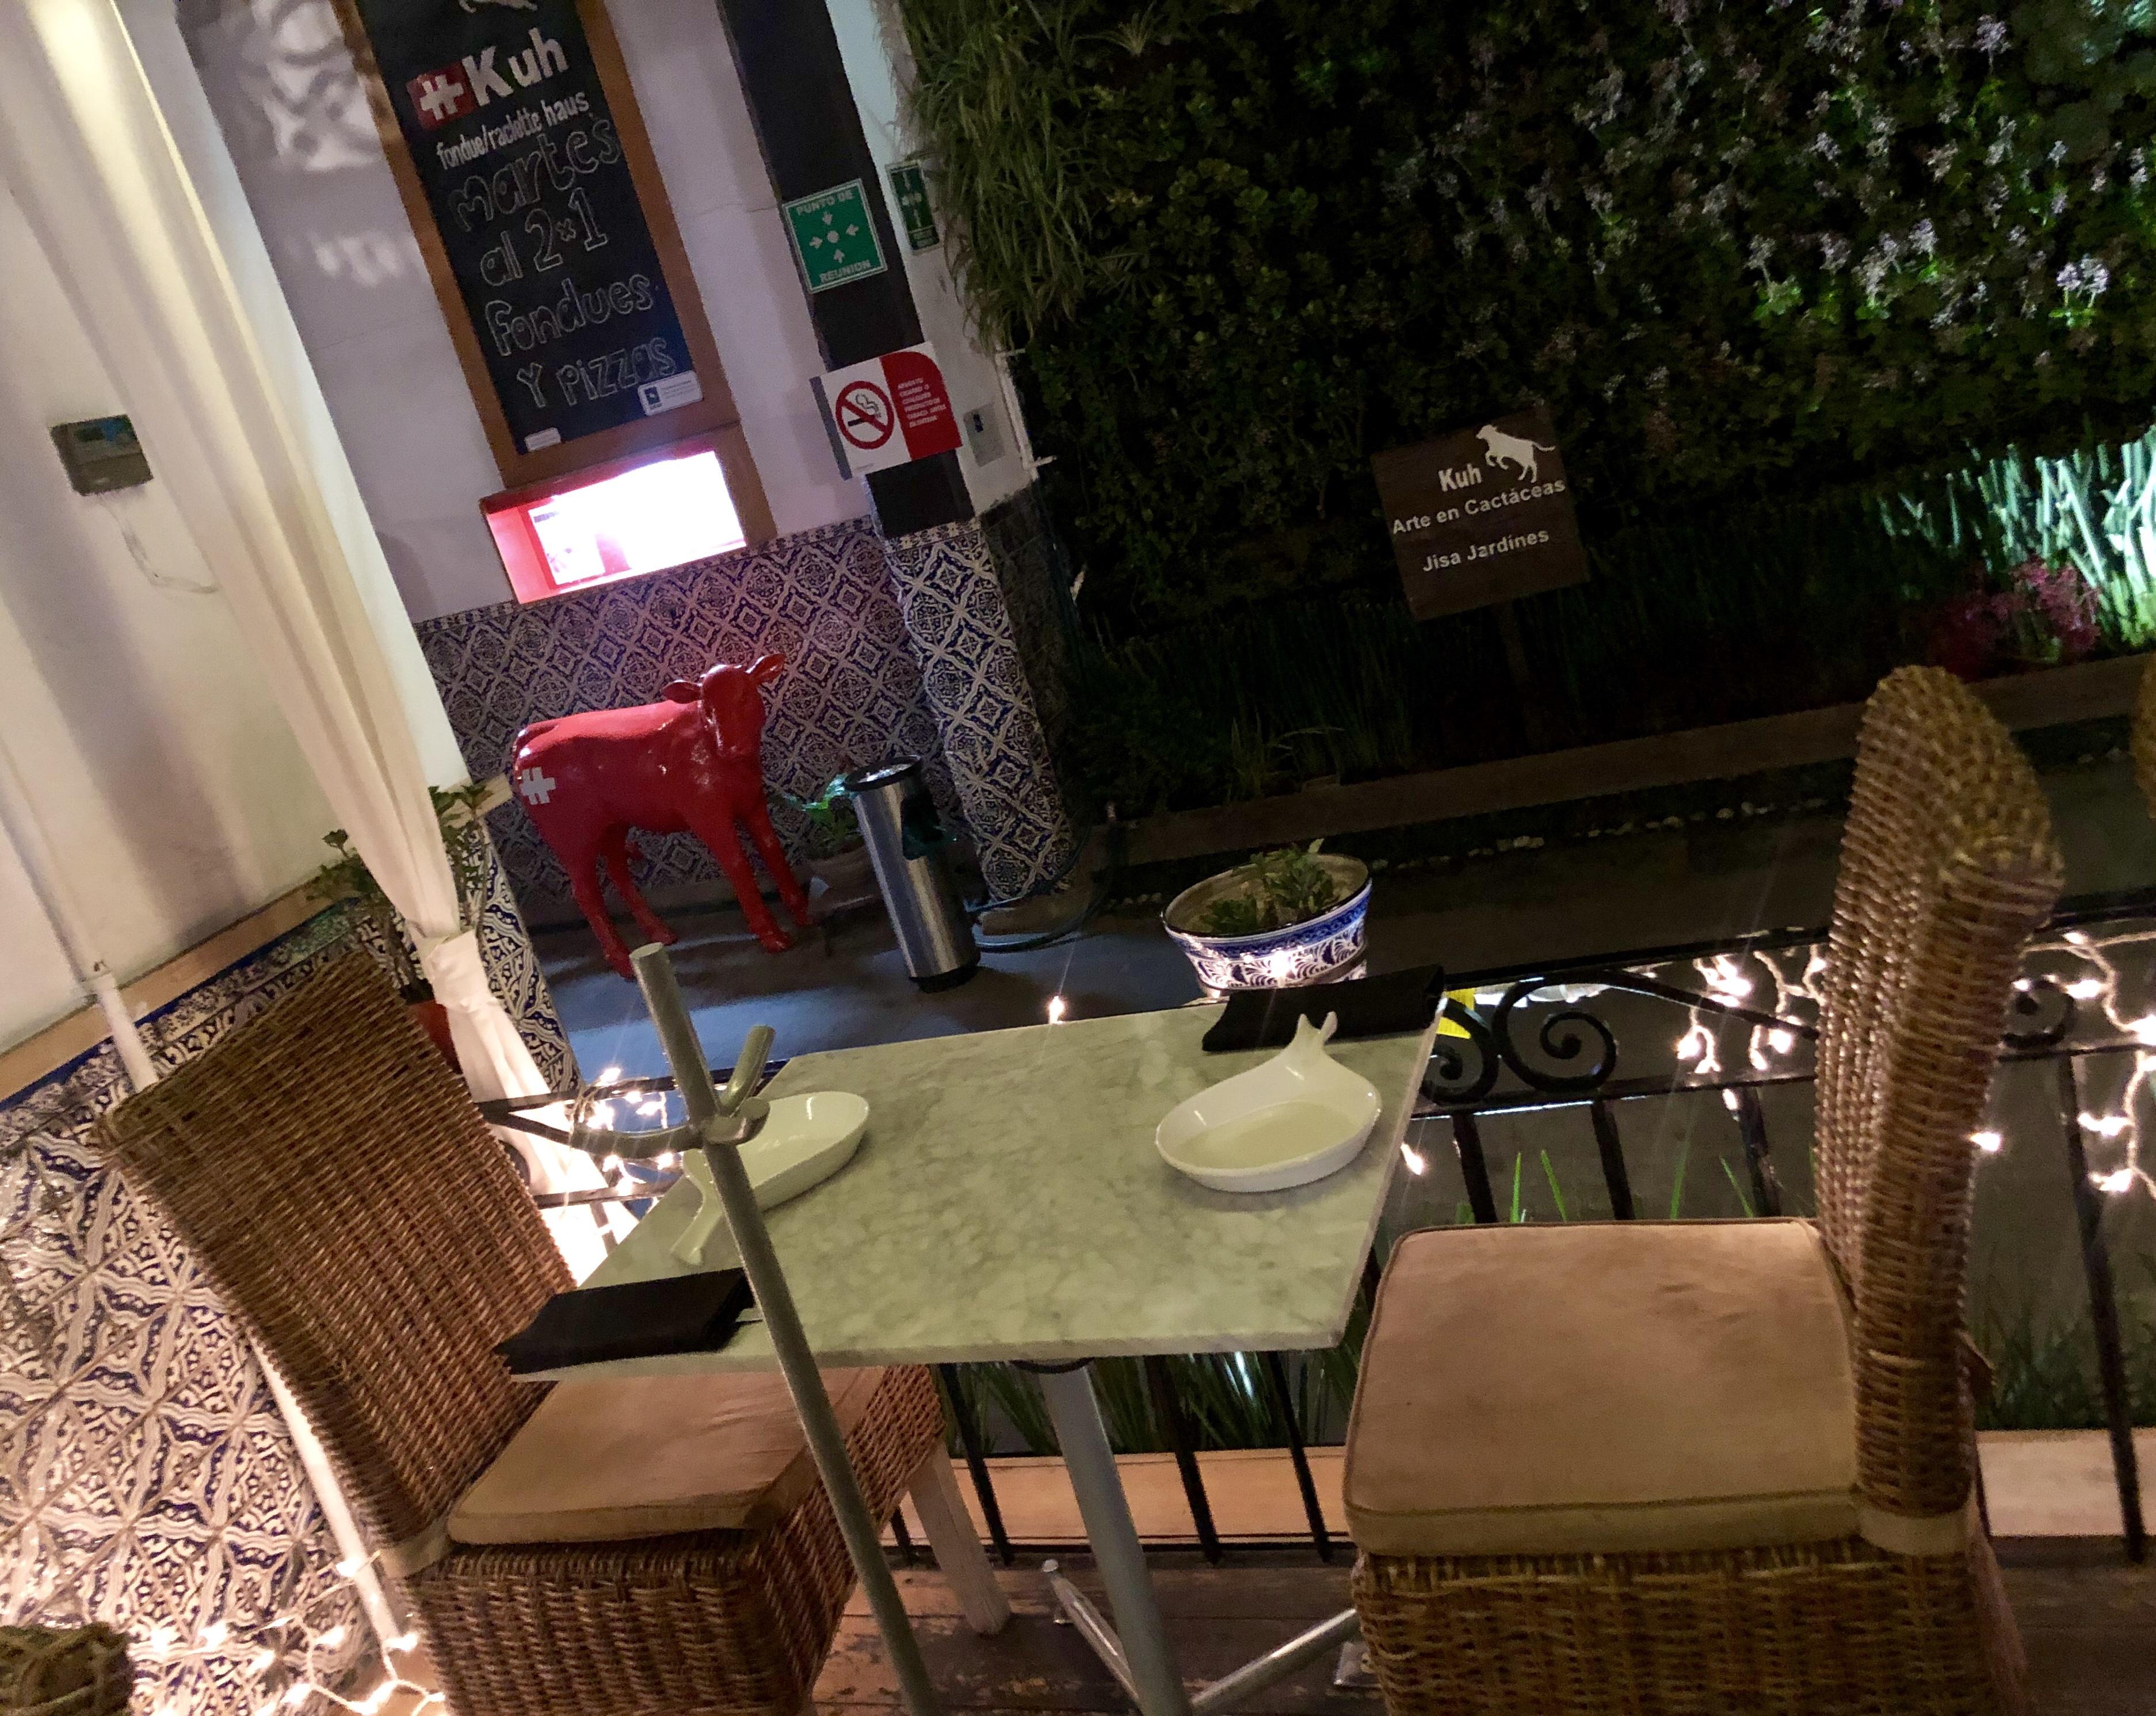 HKUH Restaurante Suizo